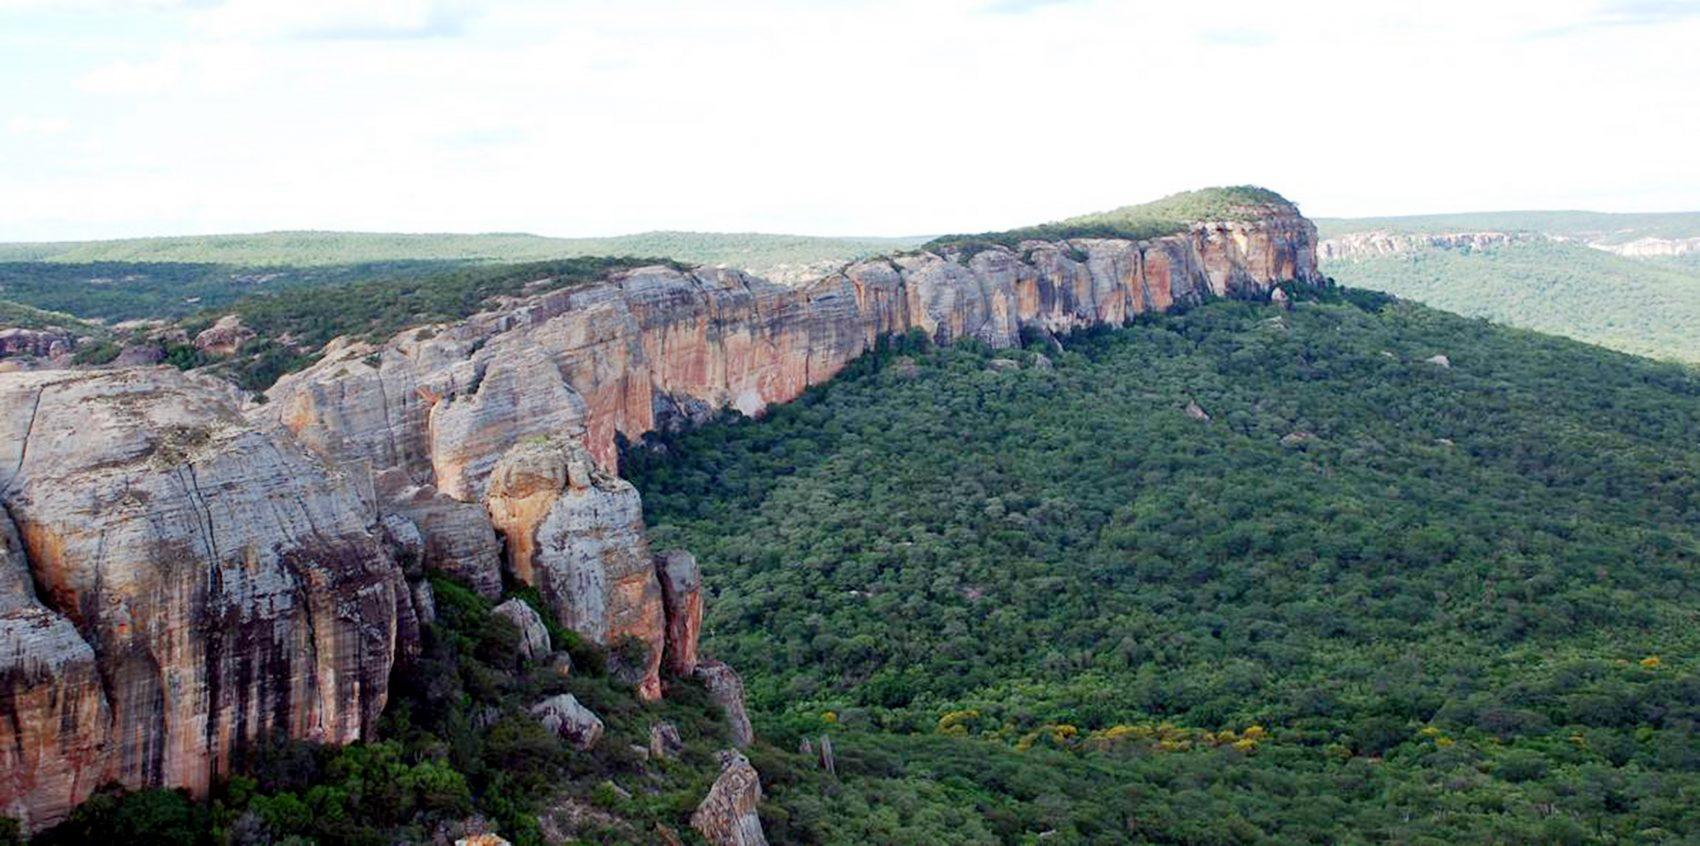 Parque da Serra da Capivara: falta dinheiro para manutenção e conservação (Foto Joaquim Neto/ FUMDHAM / AFP)